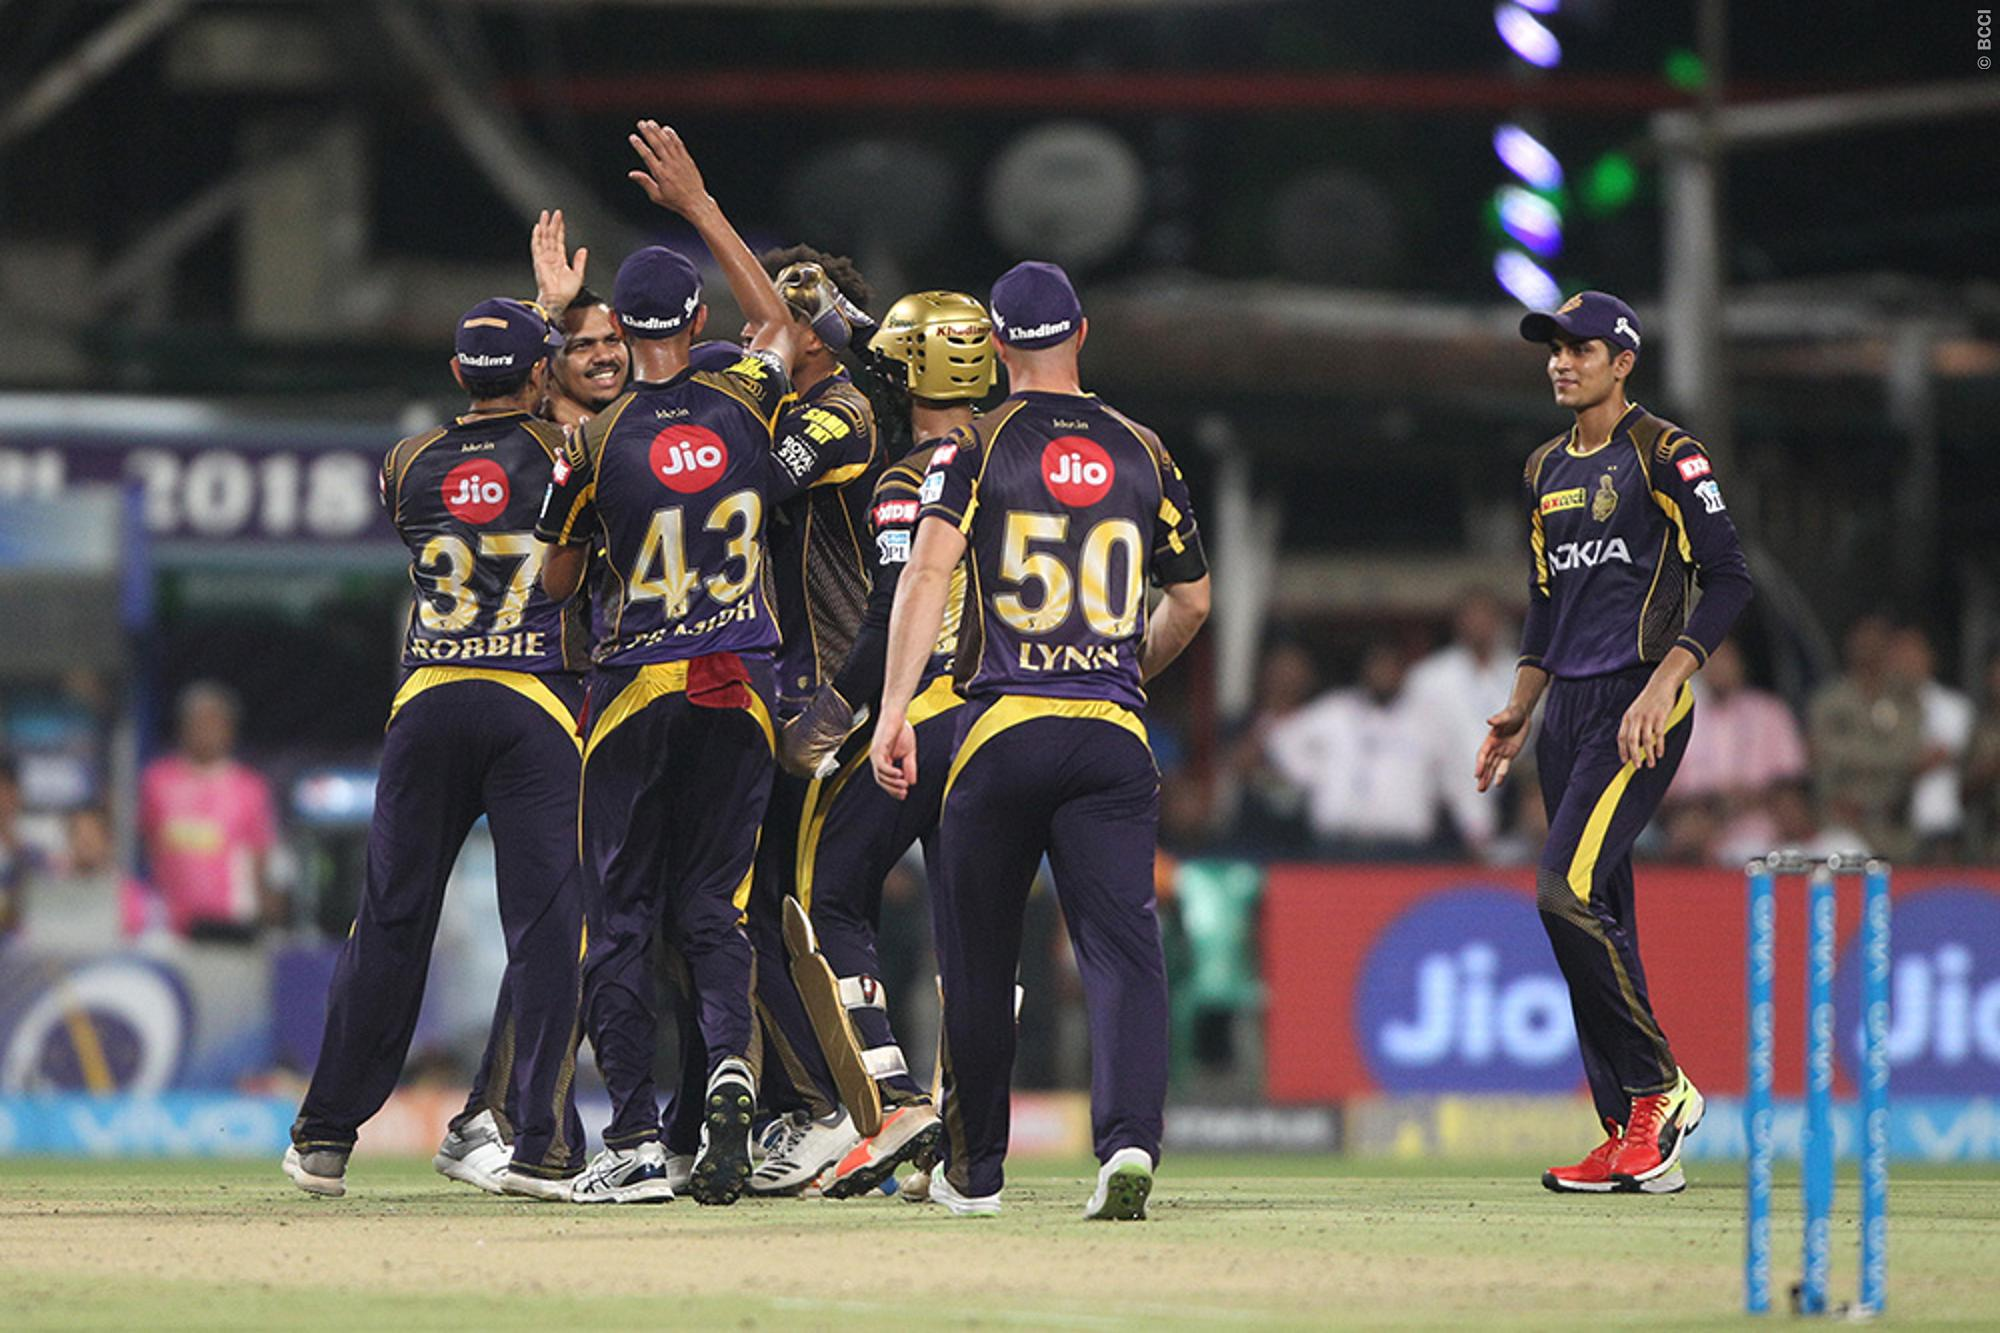 राजस्थान की हार के बाद रहाणे को लेकर गुस्साए फैन, इस खिलाड़ी को बाहर करने की उठाई मांग